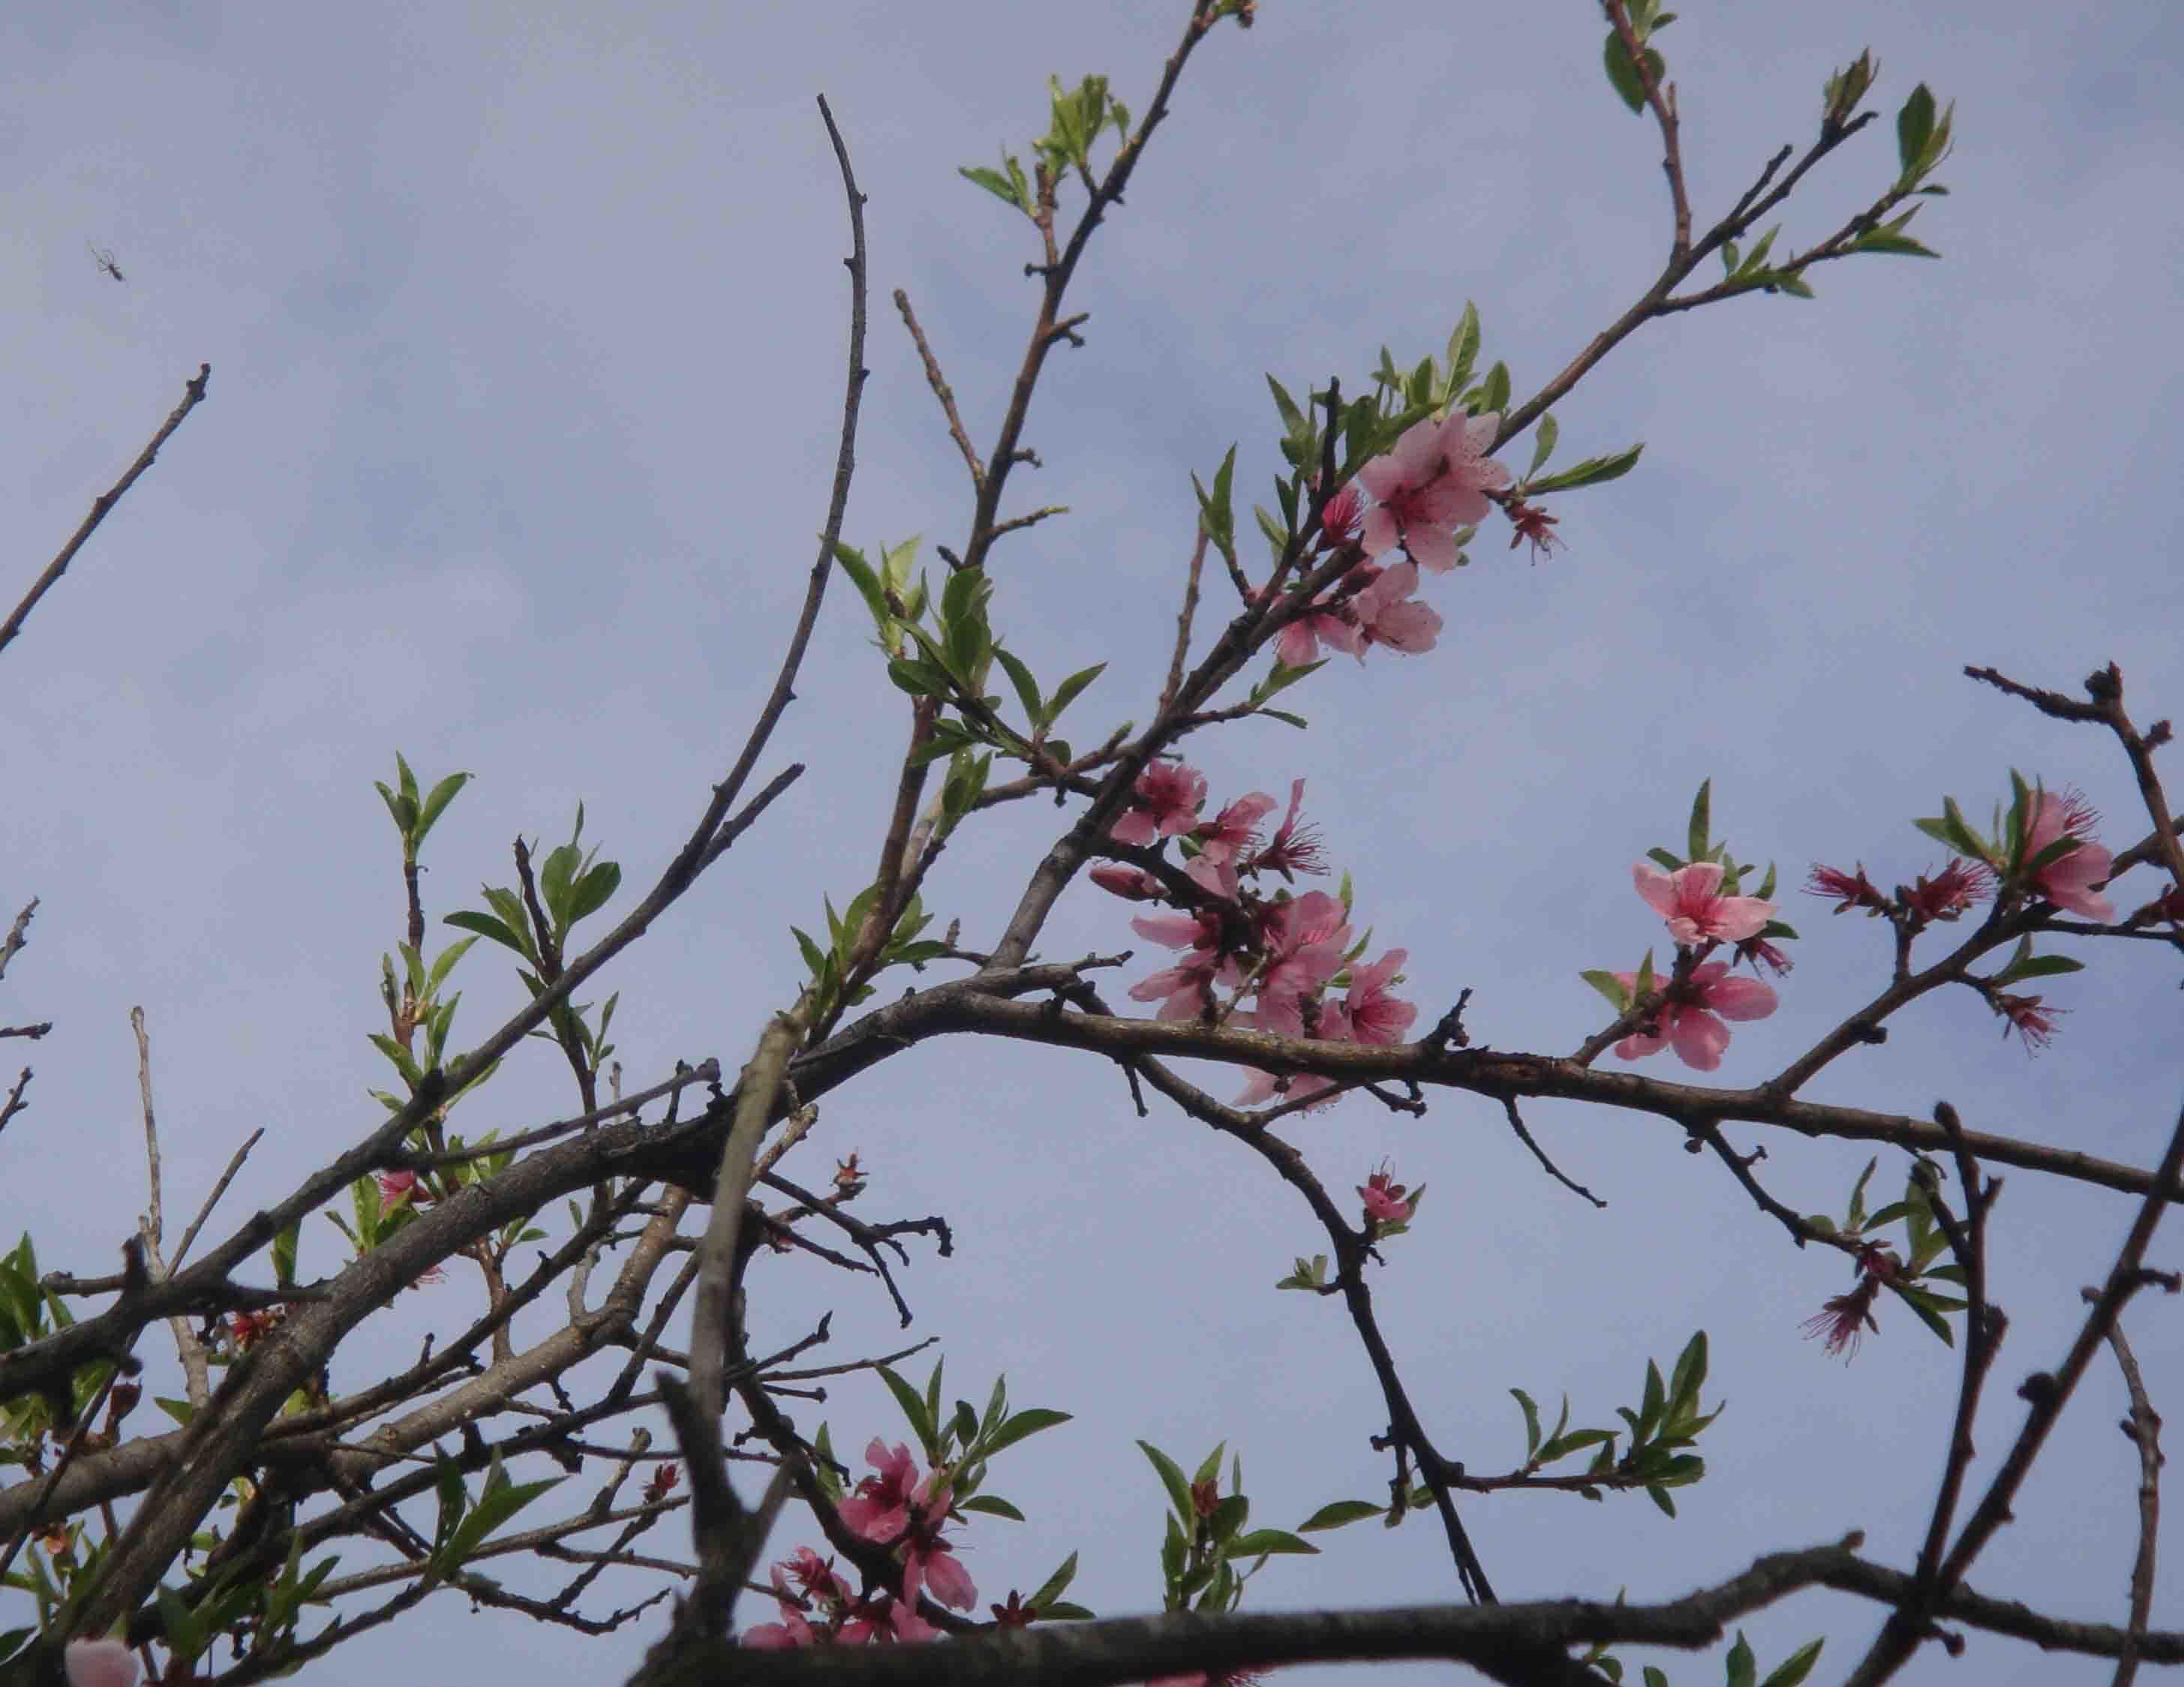 モモが咲き始めた。_e0226943_22375683.jpg